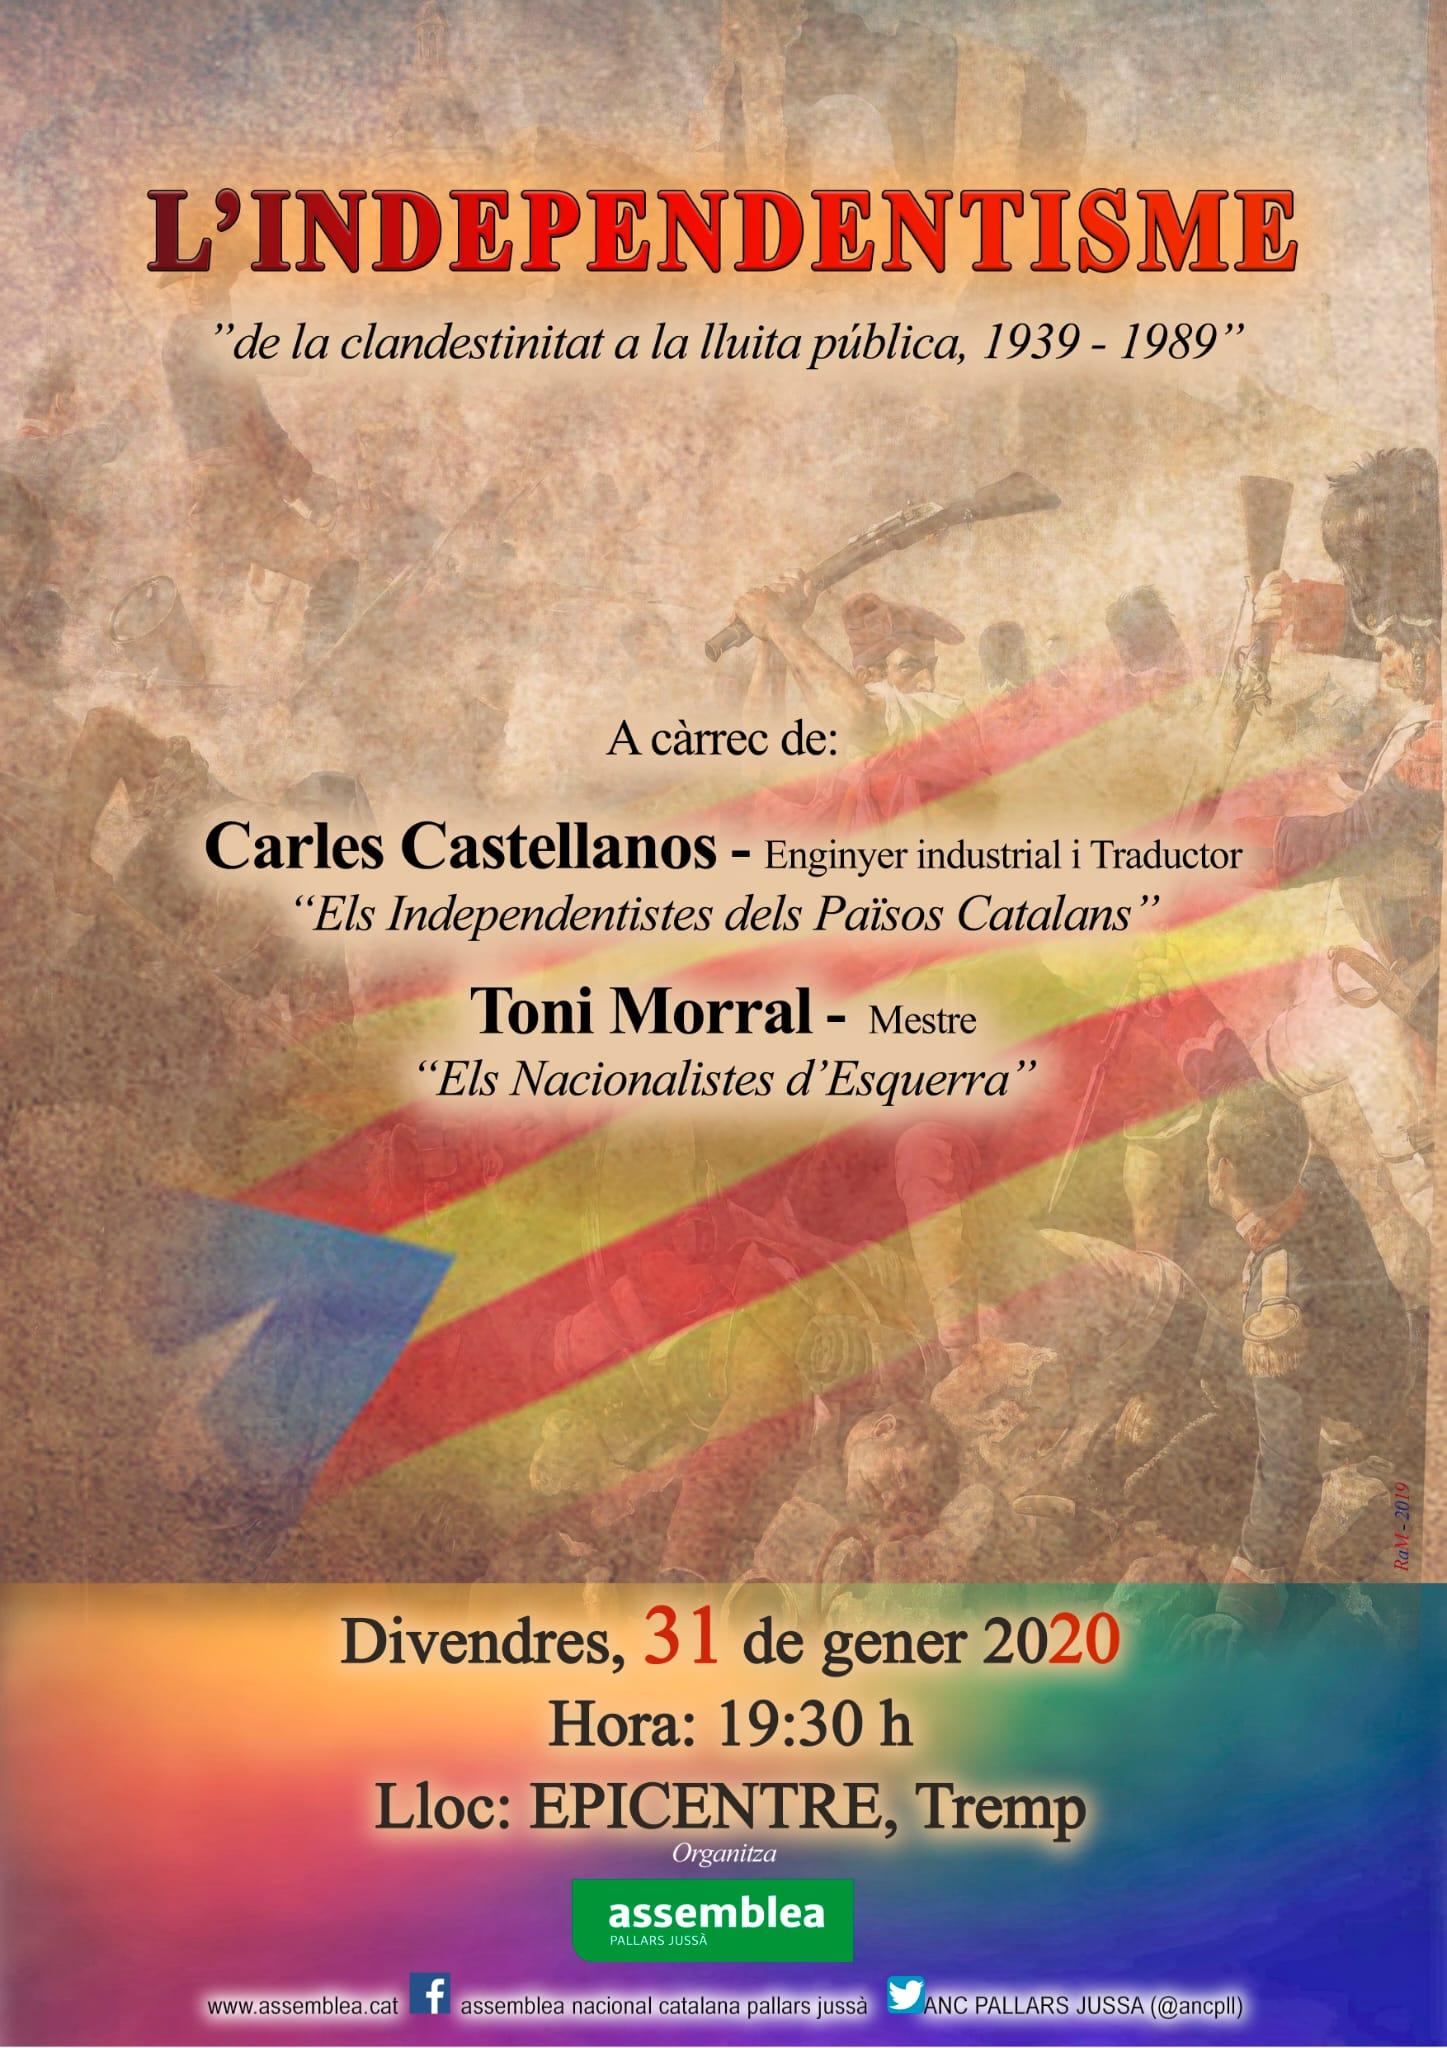 L'independentisme: de la clandestinitat a la lluita pública 1939-1989